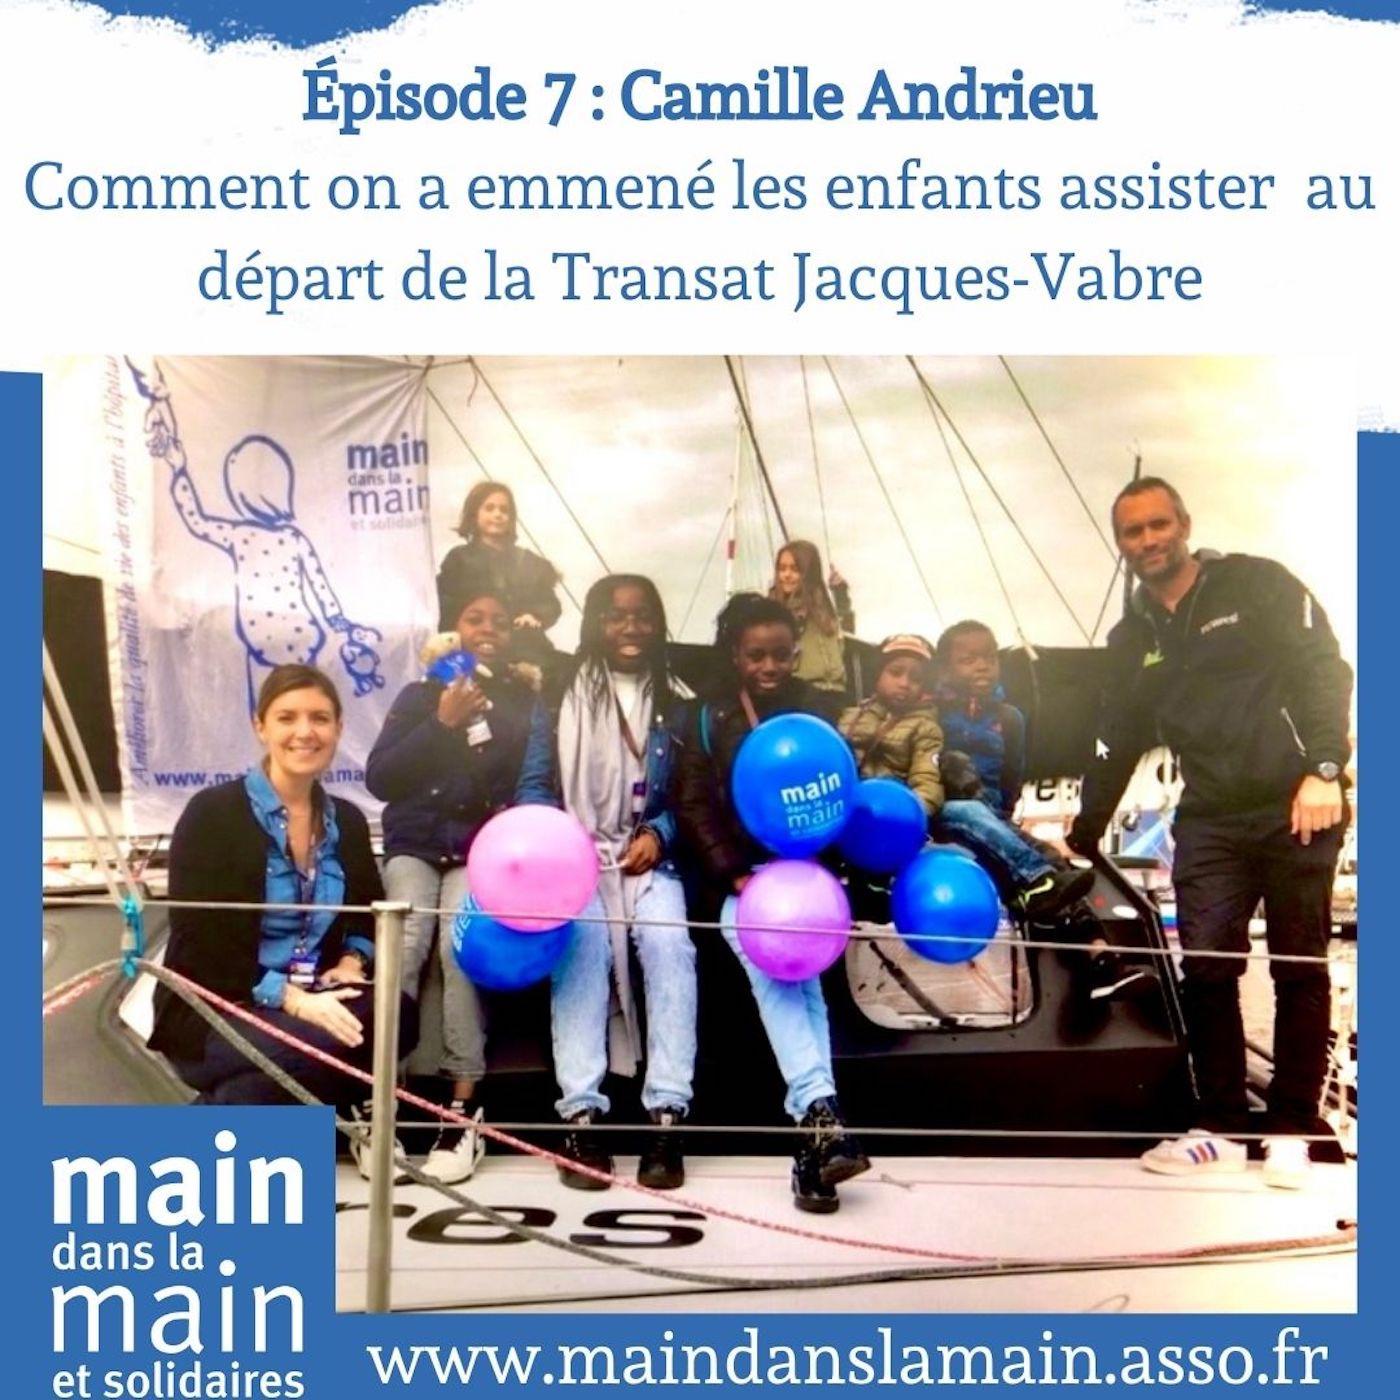 Episode 7-Camille Andrieu: Comment on a emmené les enfants assister au départ de la Transat Jacques-Vabre